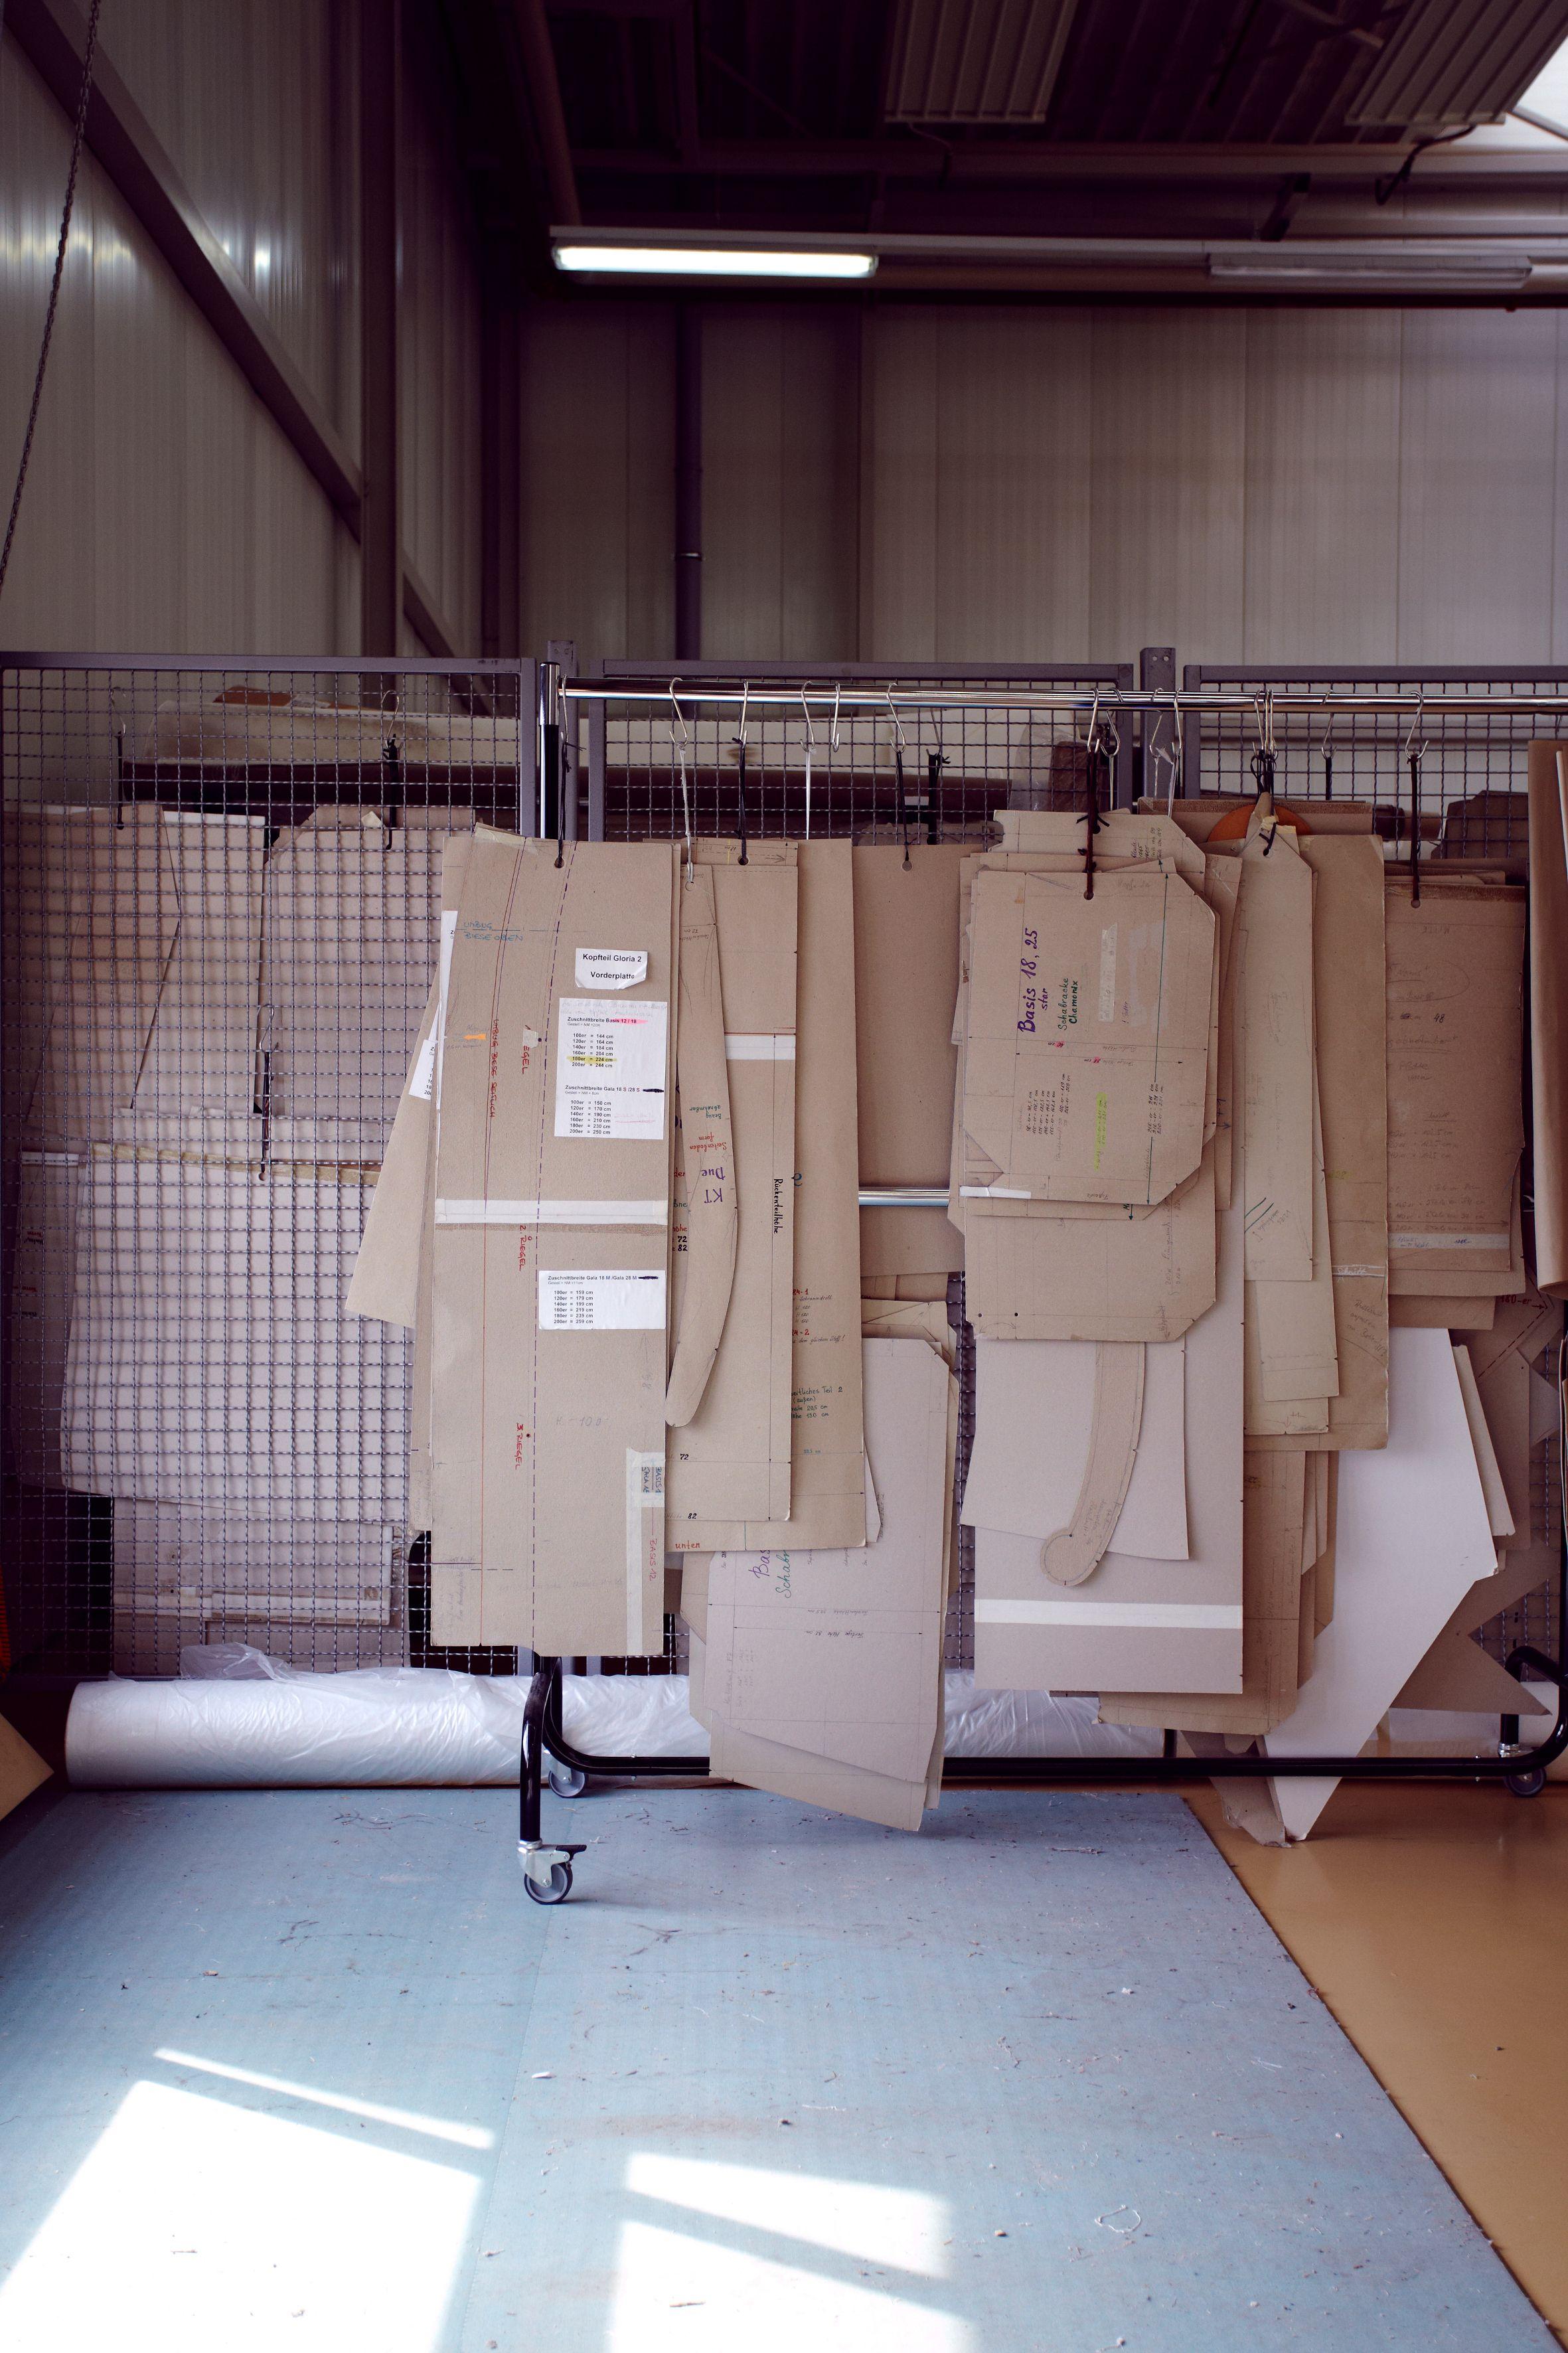 Schramm Boxspring manufacture schramm slaapsysteem fabriek met boxspring bedden en